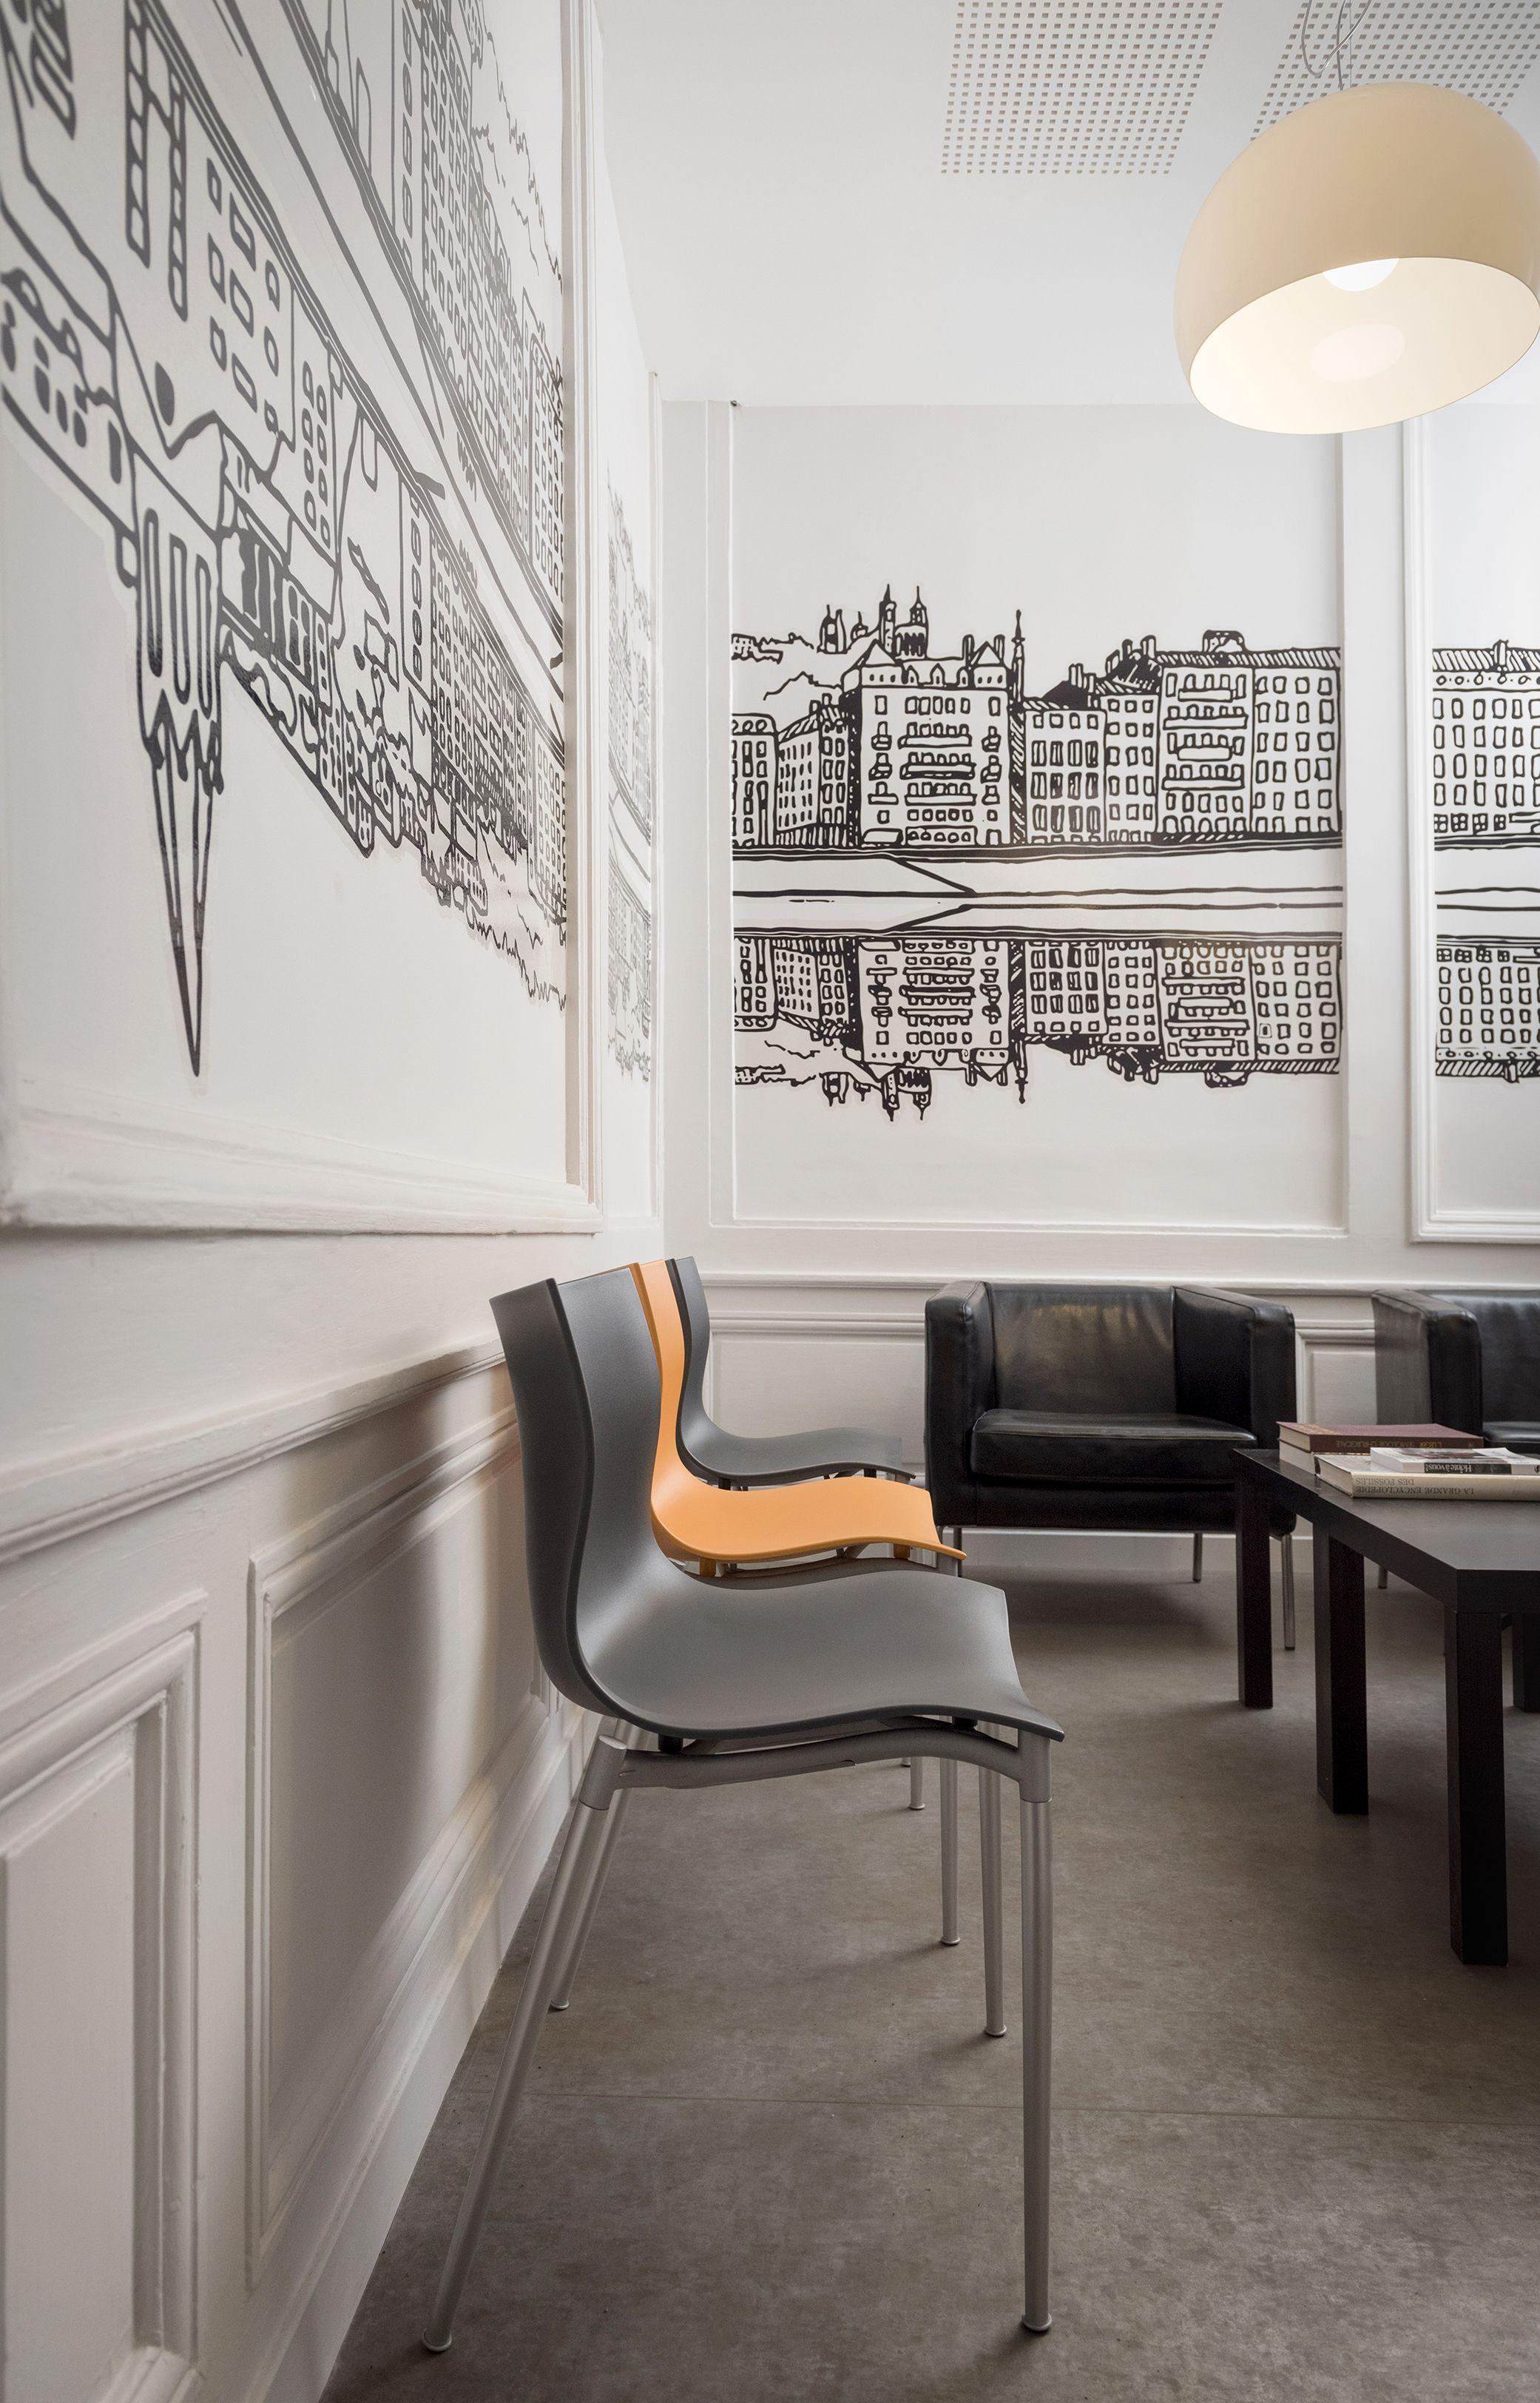 Permalink to Impressionnant De Table Basse Maison A Vendre M6 Des Idées